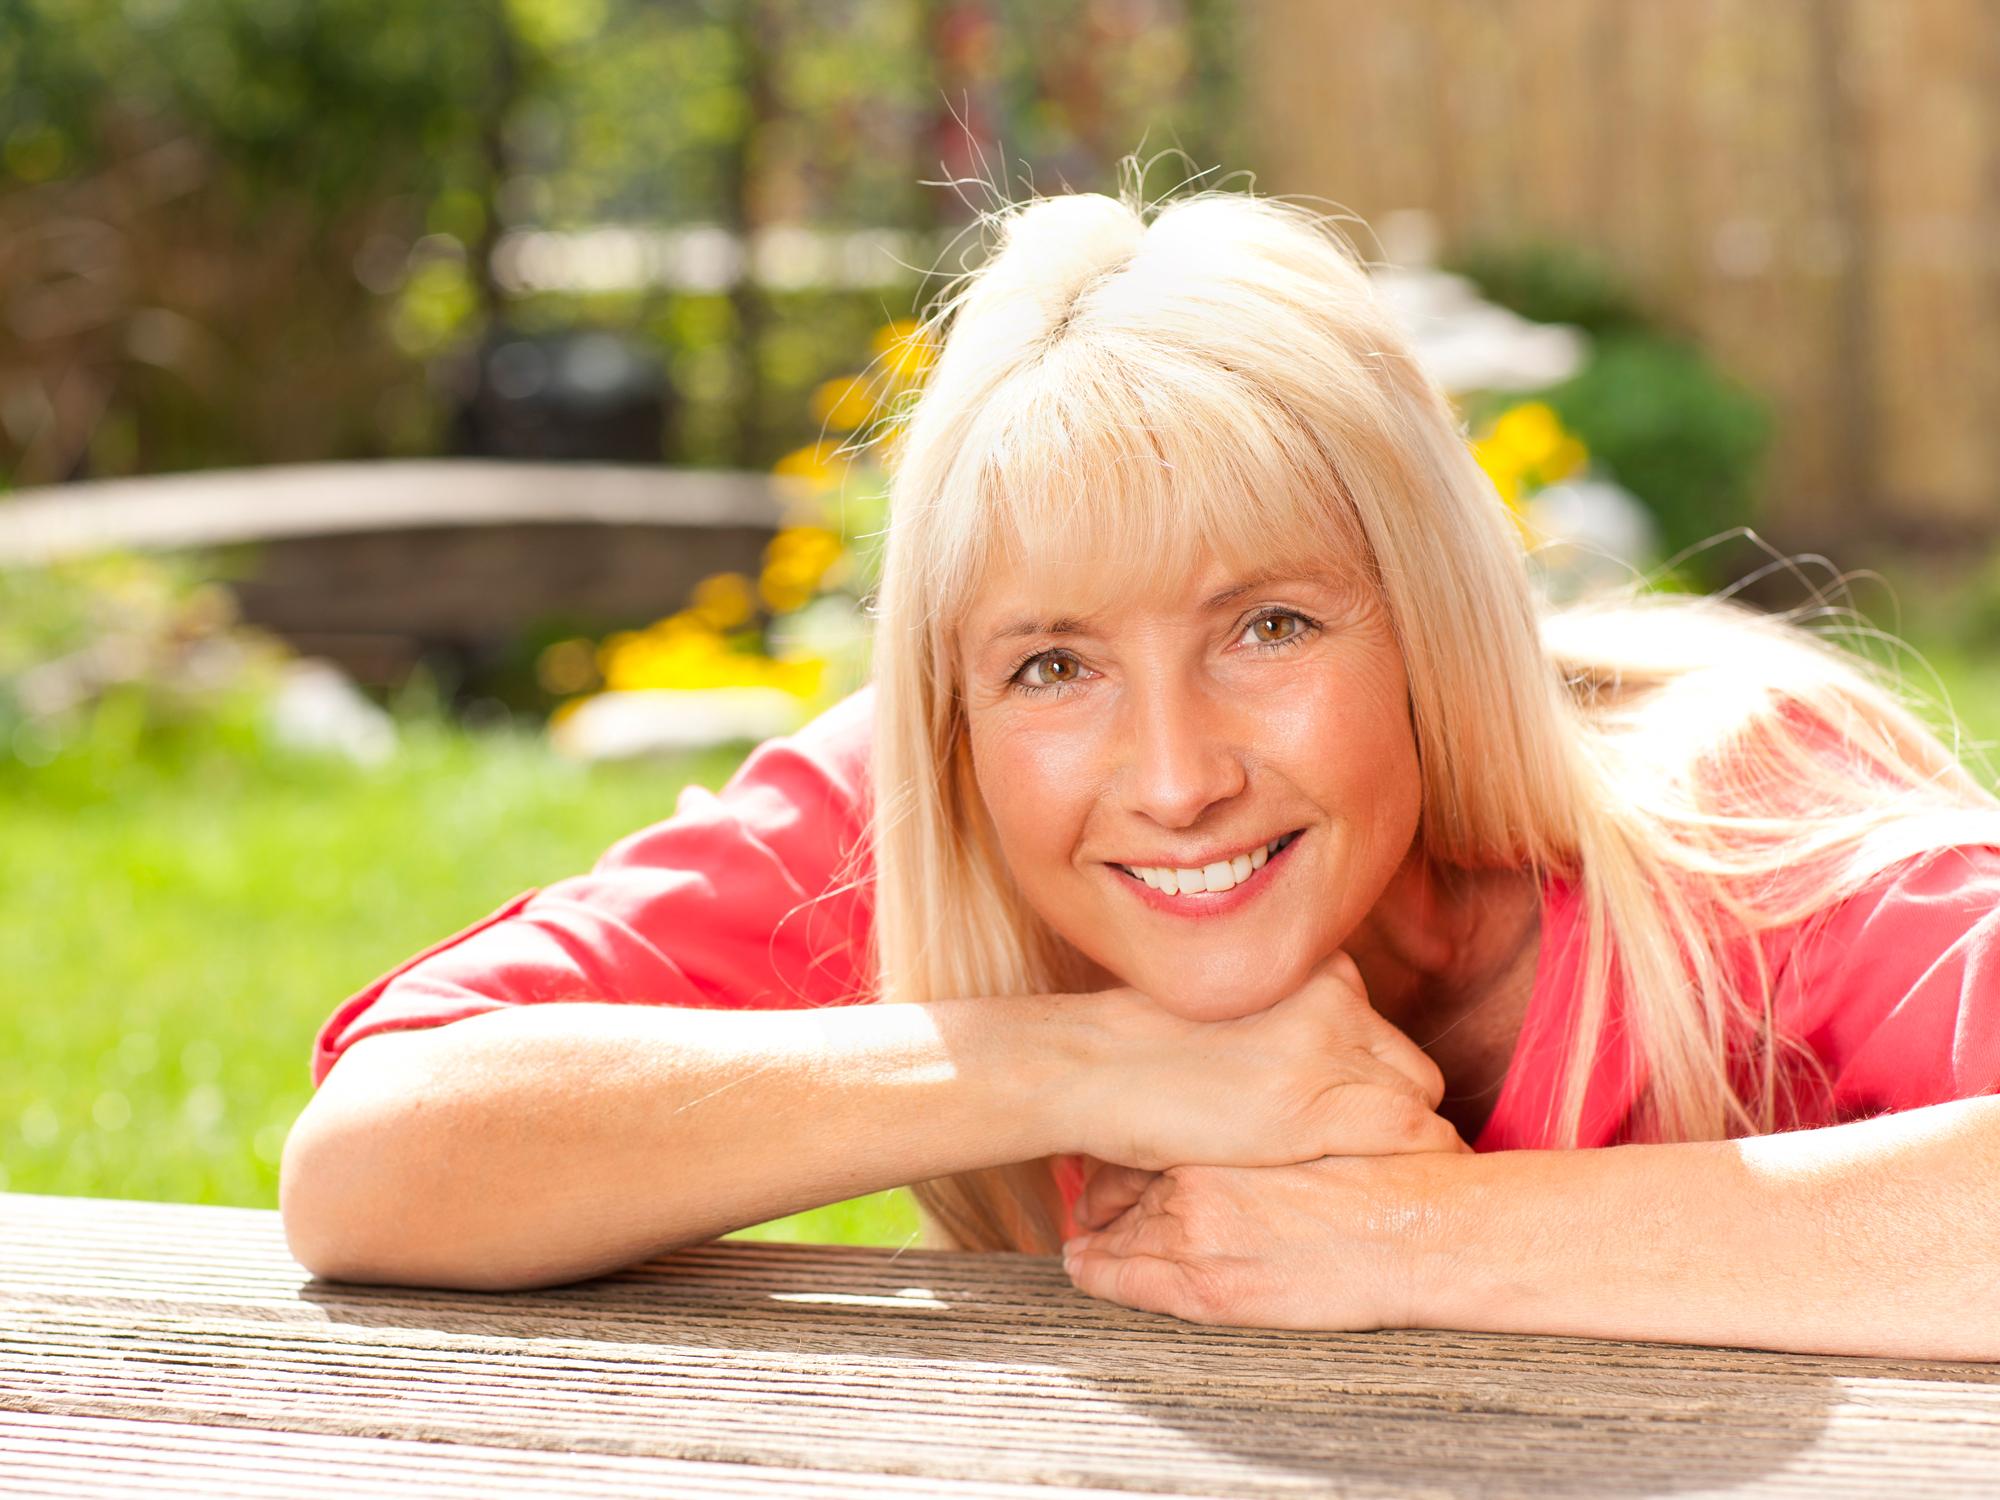 3 ways to avoid menopause's disease dangers